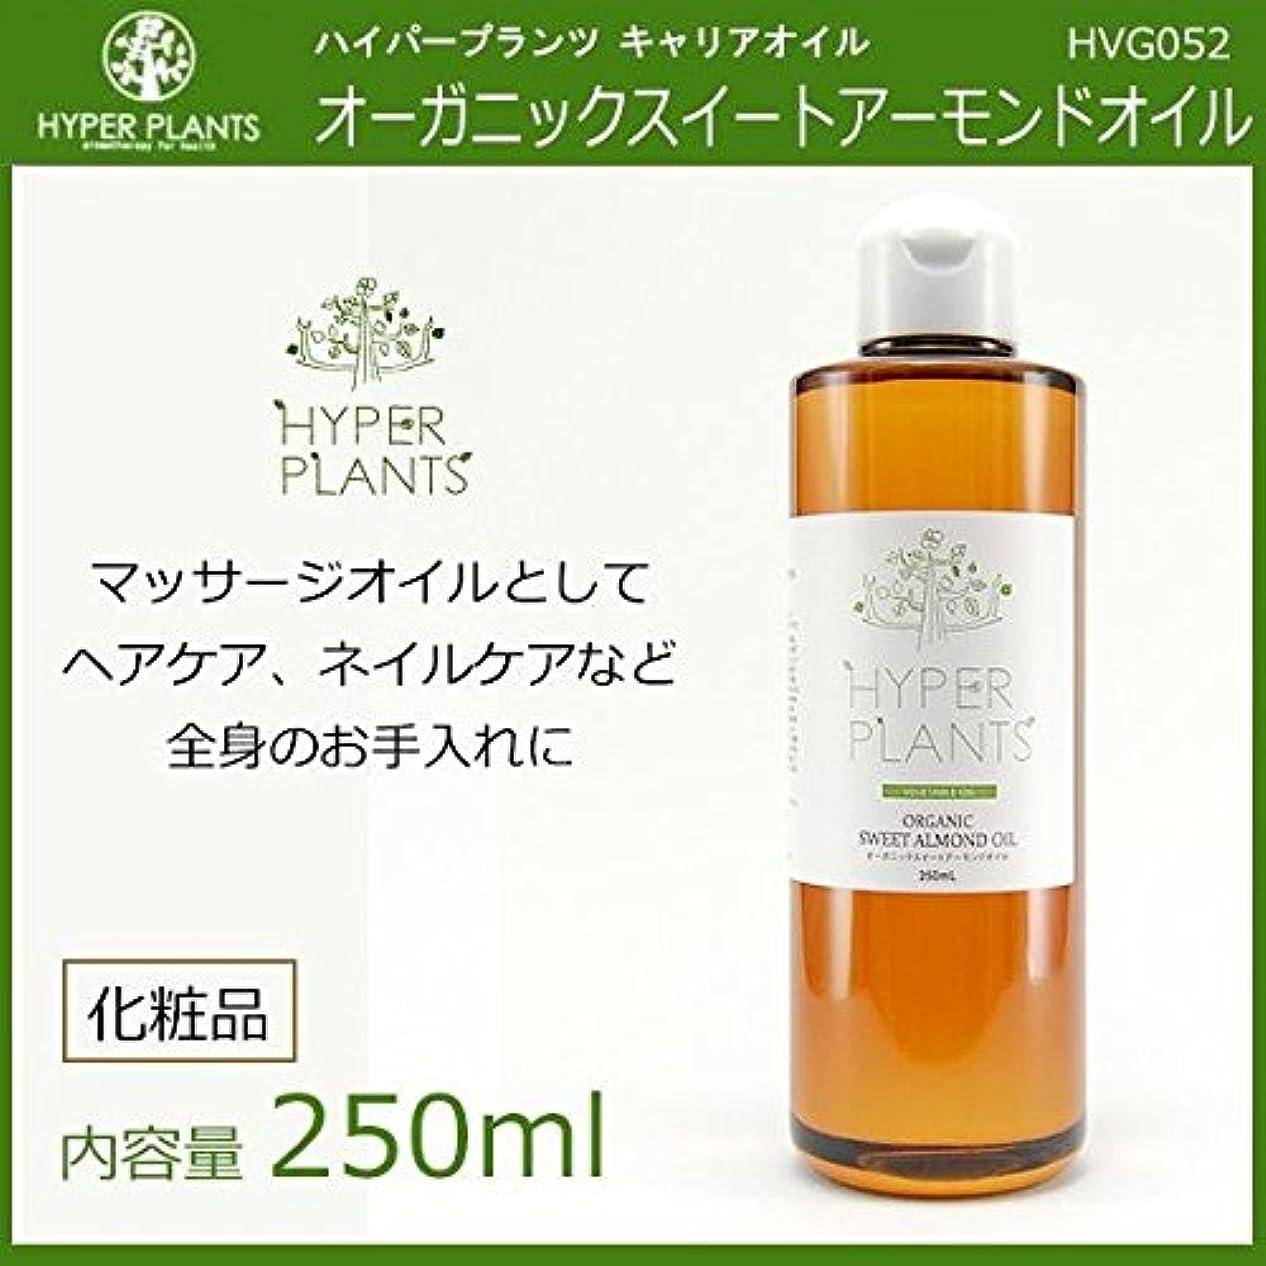 博覧会変換頭痛HP オーガニック スイートアーモンドオイル 250ml